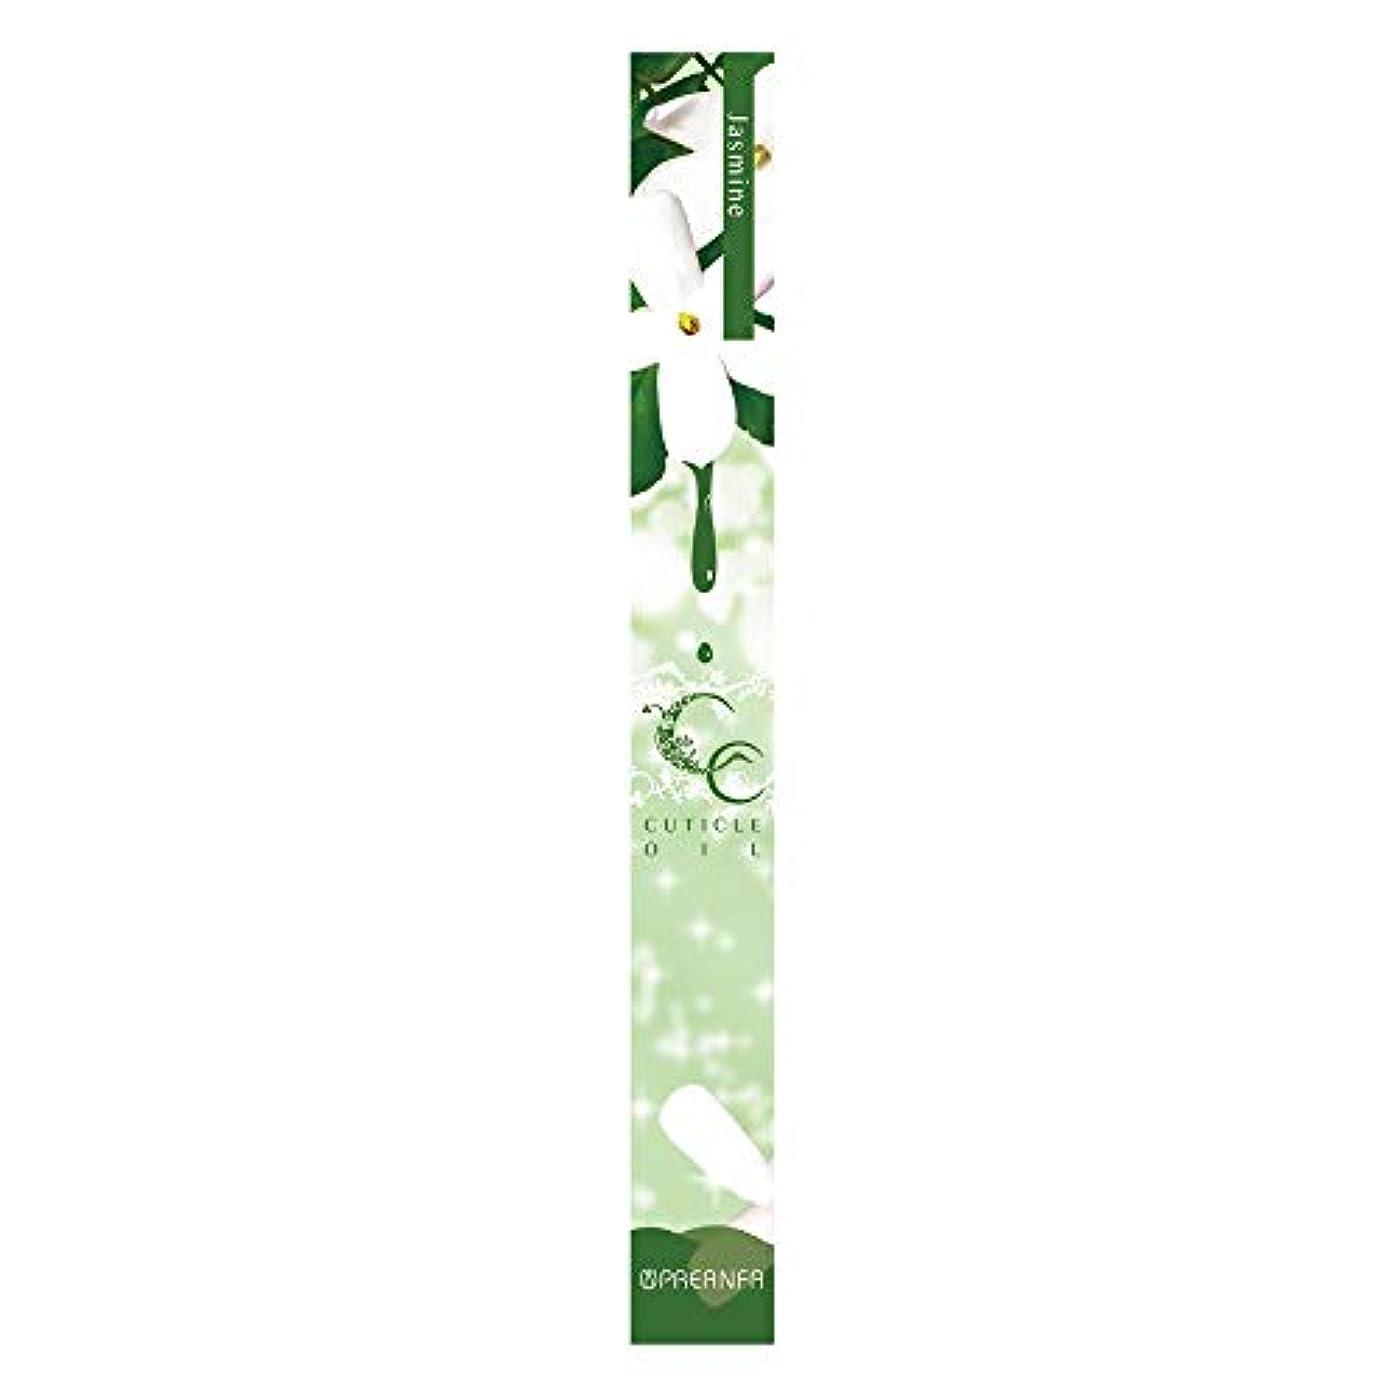 郡スキップ従来のプリジェル 甘皮ケア CCキューティクルオイル ジャスミン 4.5g  保湿オイル ペンタイプ